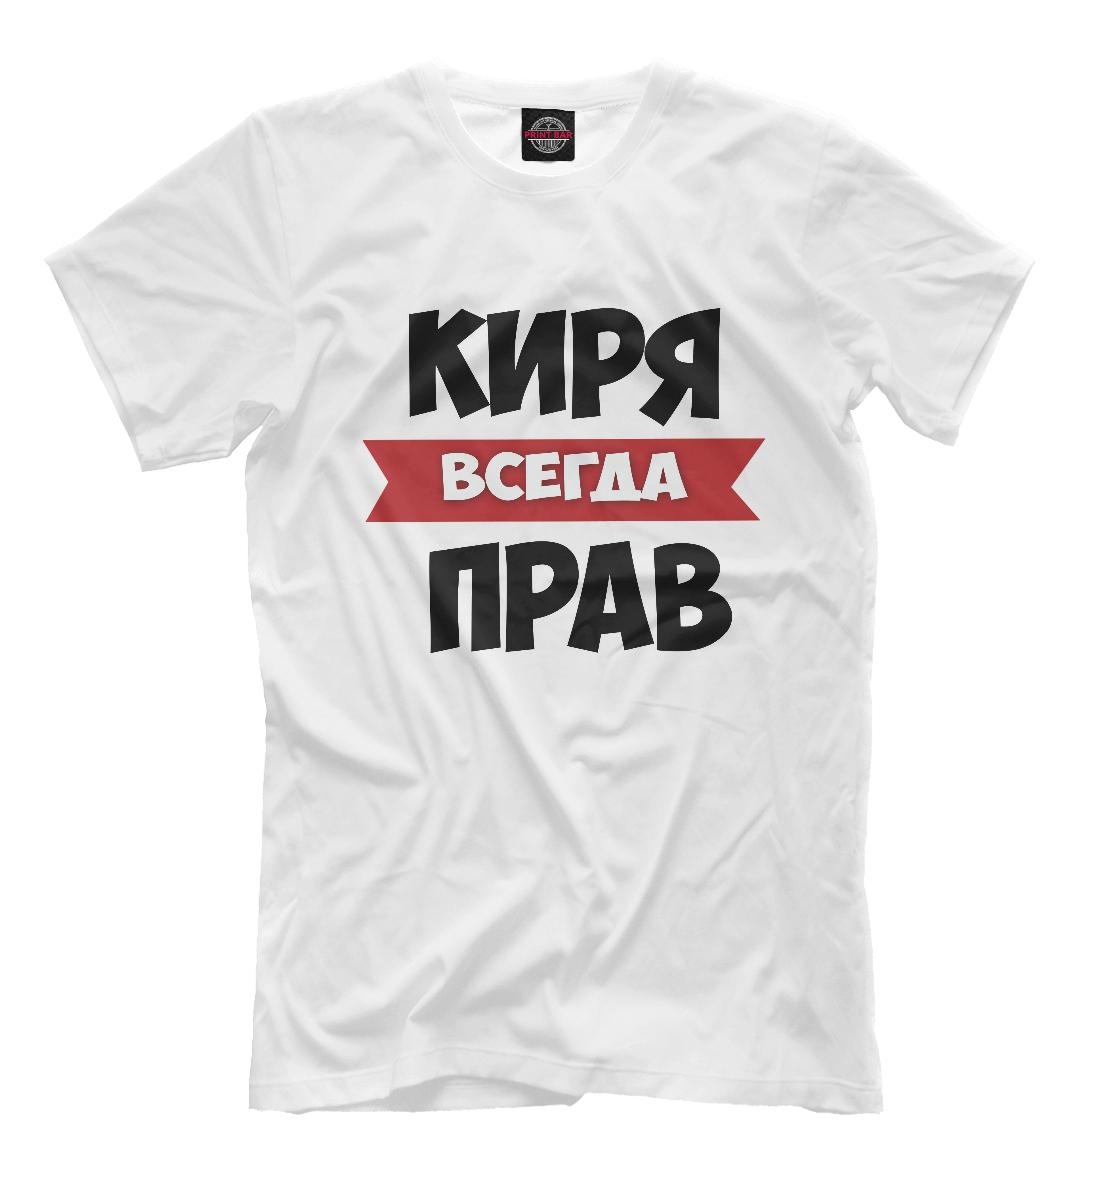 Киря всегда прав, Printbar, Футболки, KIR-465693-fut-2  - купить со скидкой